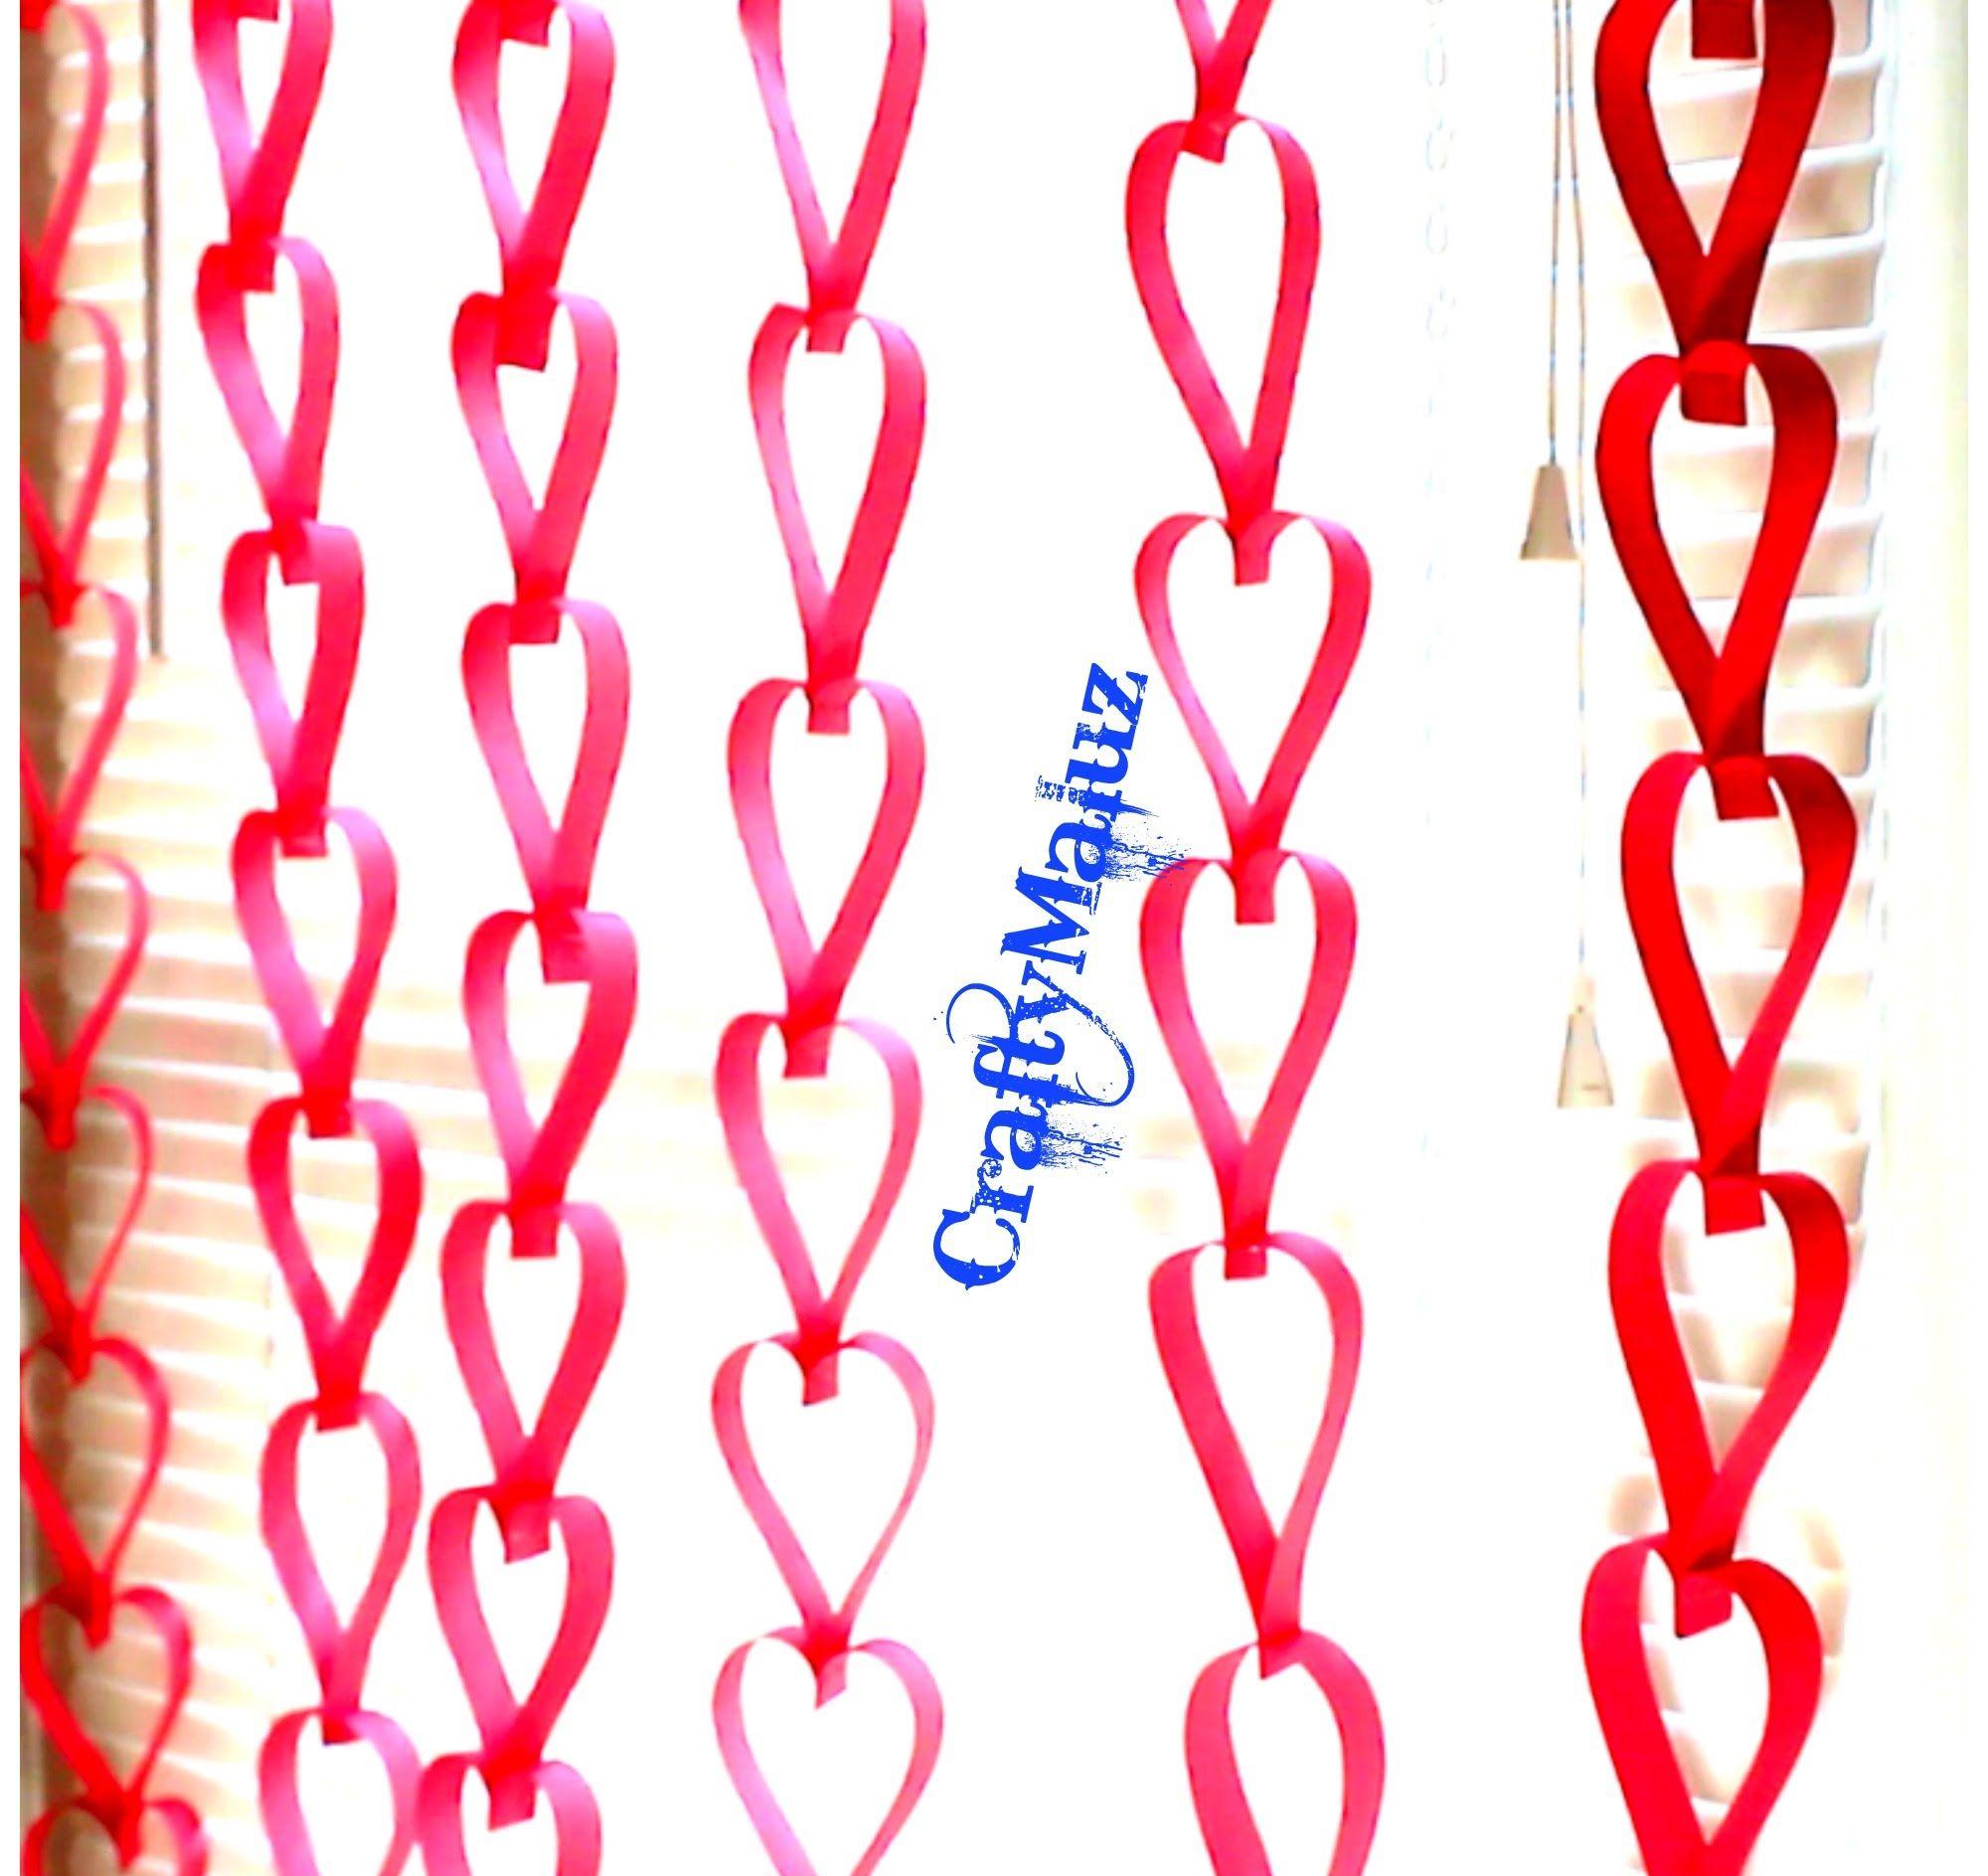 Diy Decoracion Para San Valentin Corazones Colgantes Para Decorar - Decoracion-san-valentin-manualidades